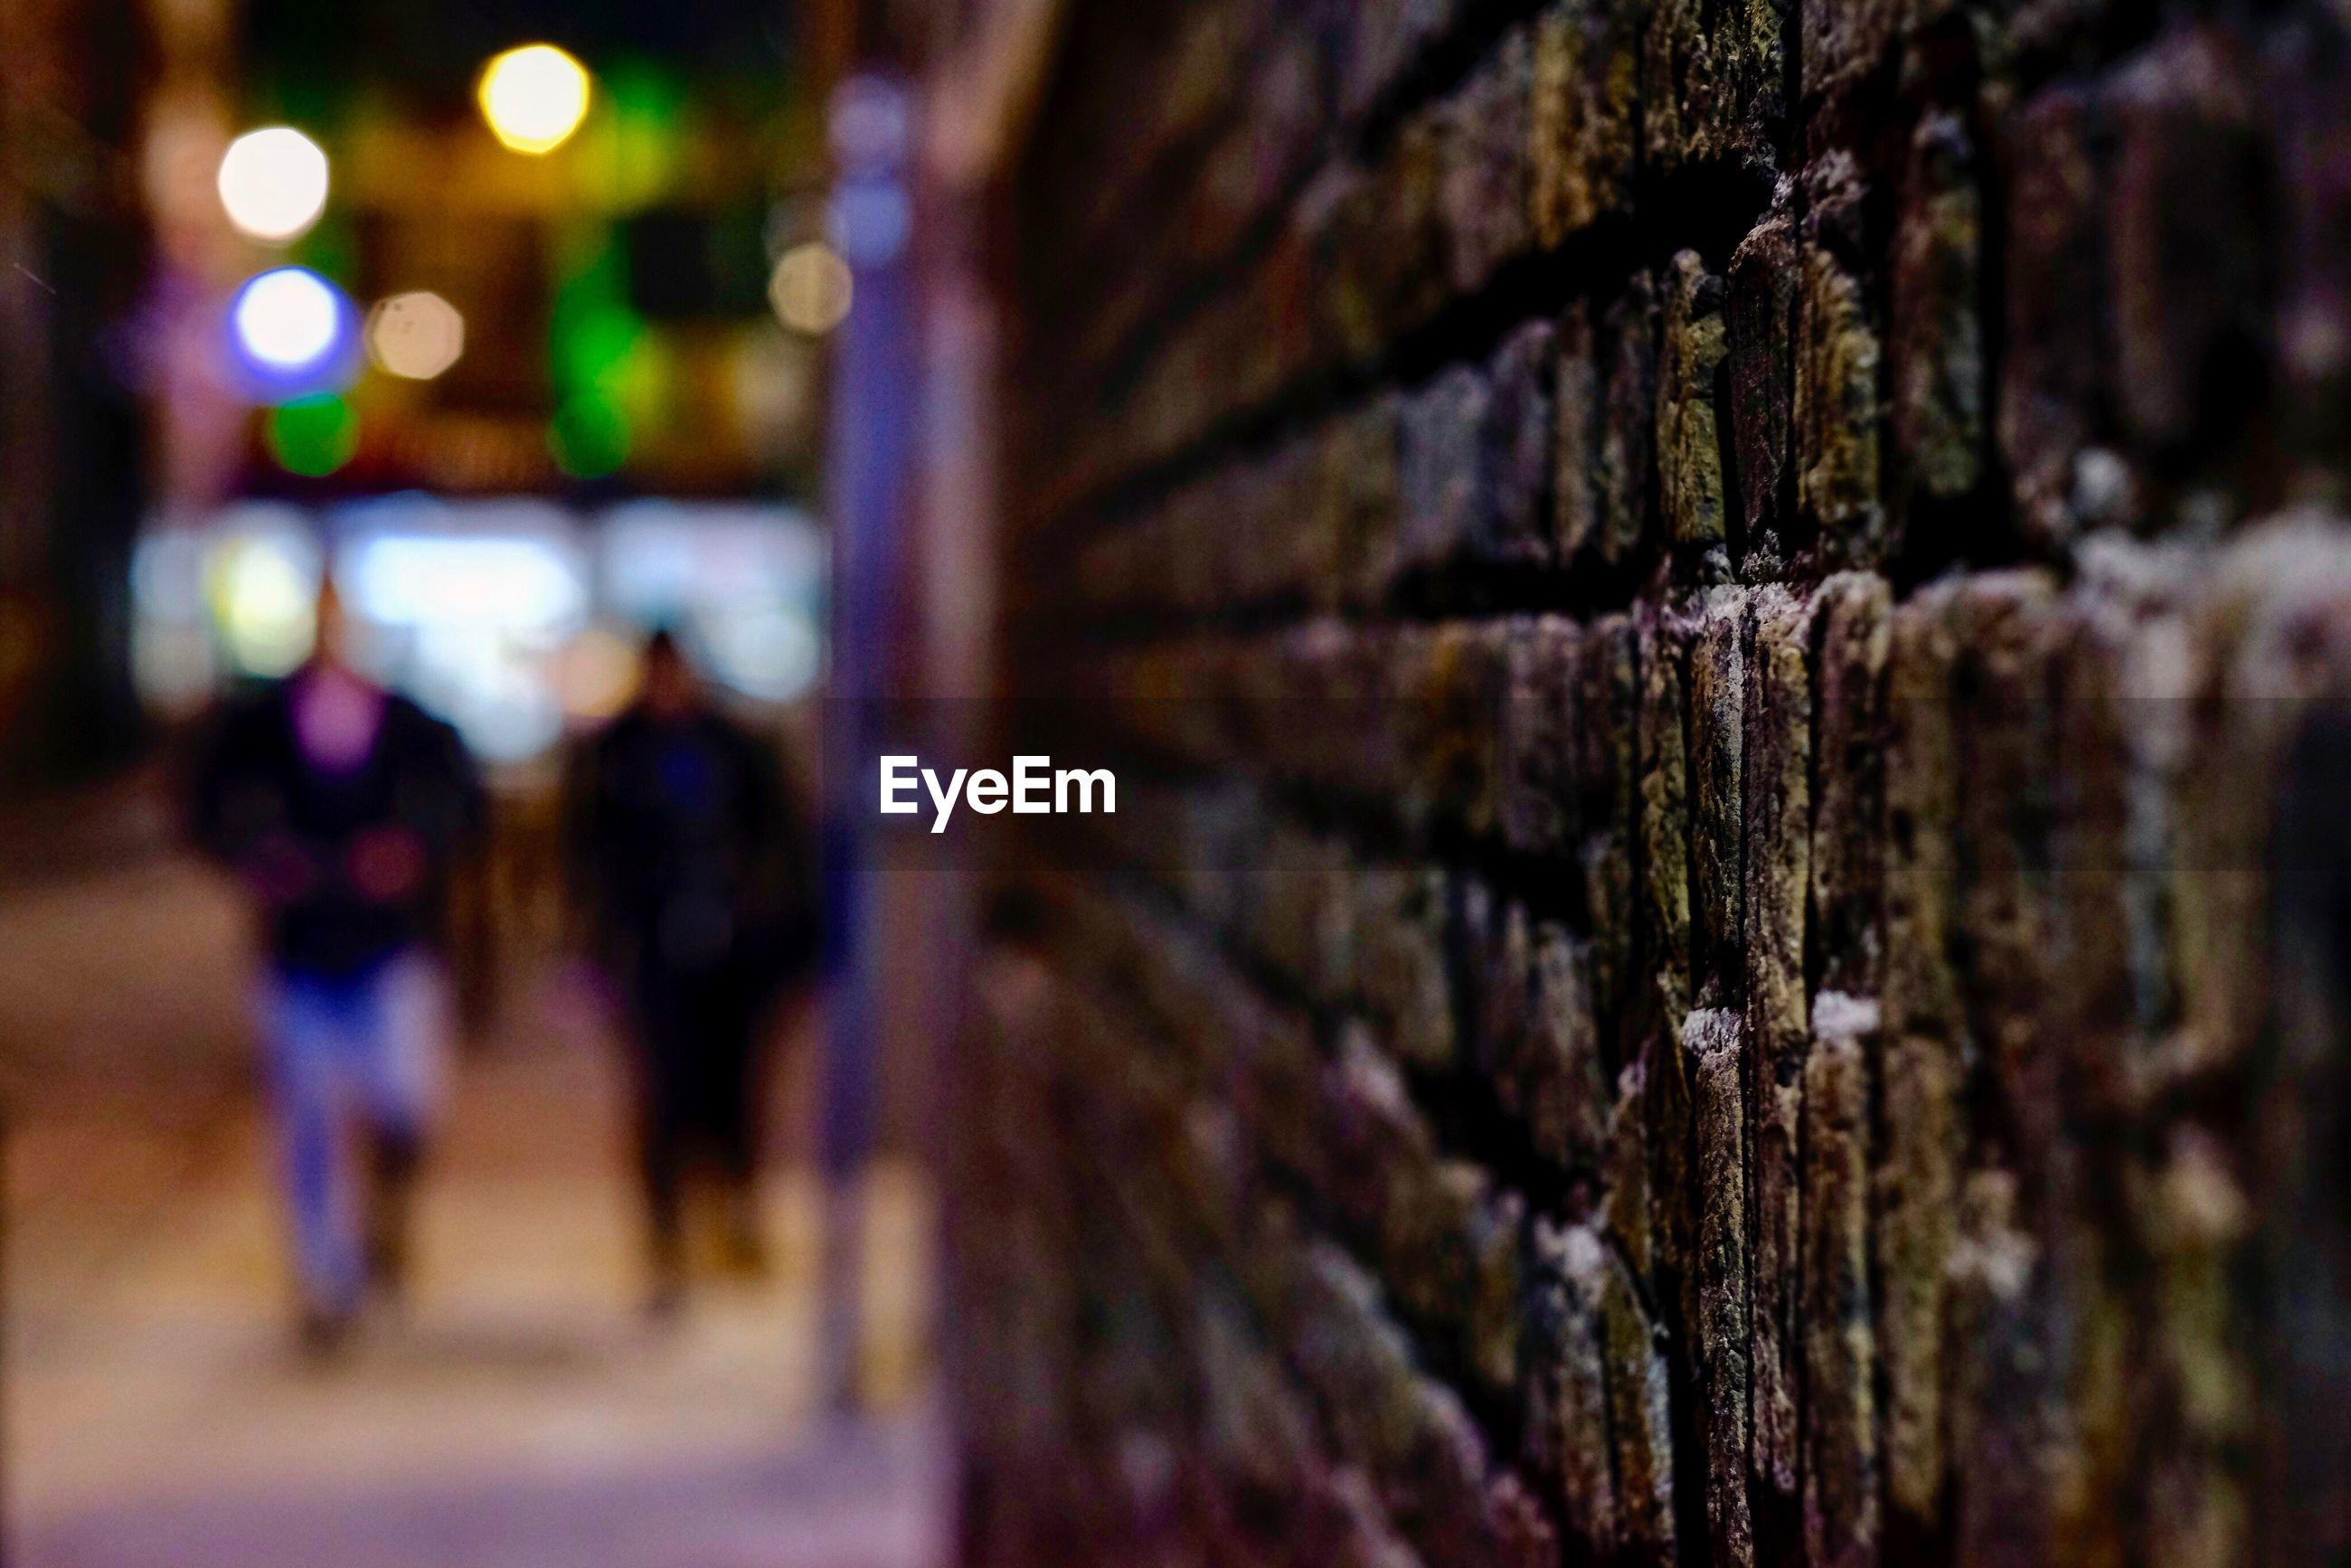 Close-up of brick wall at night